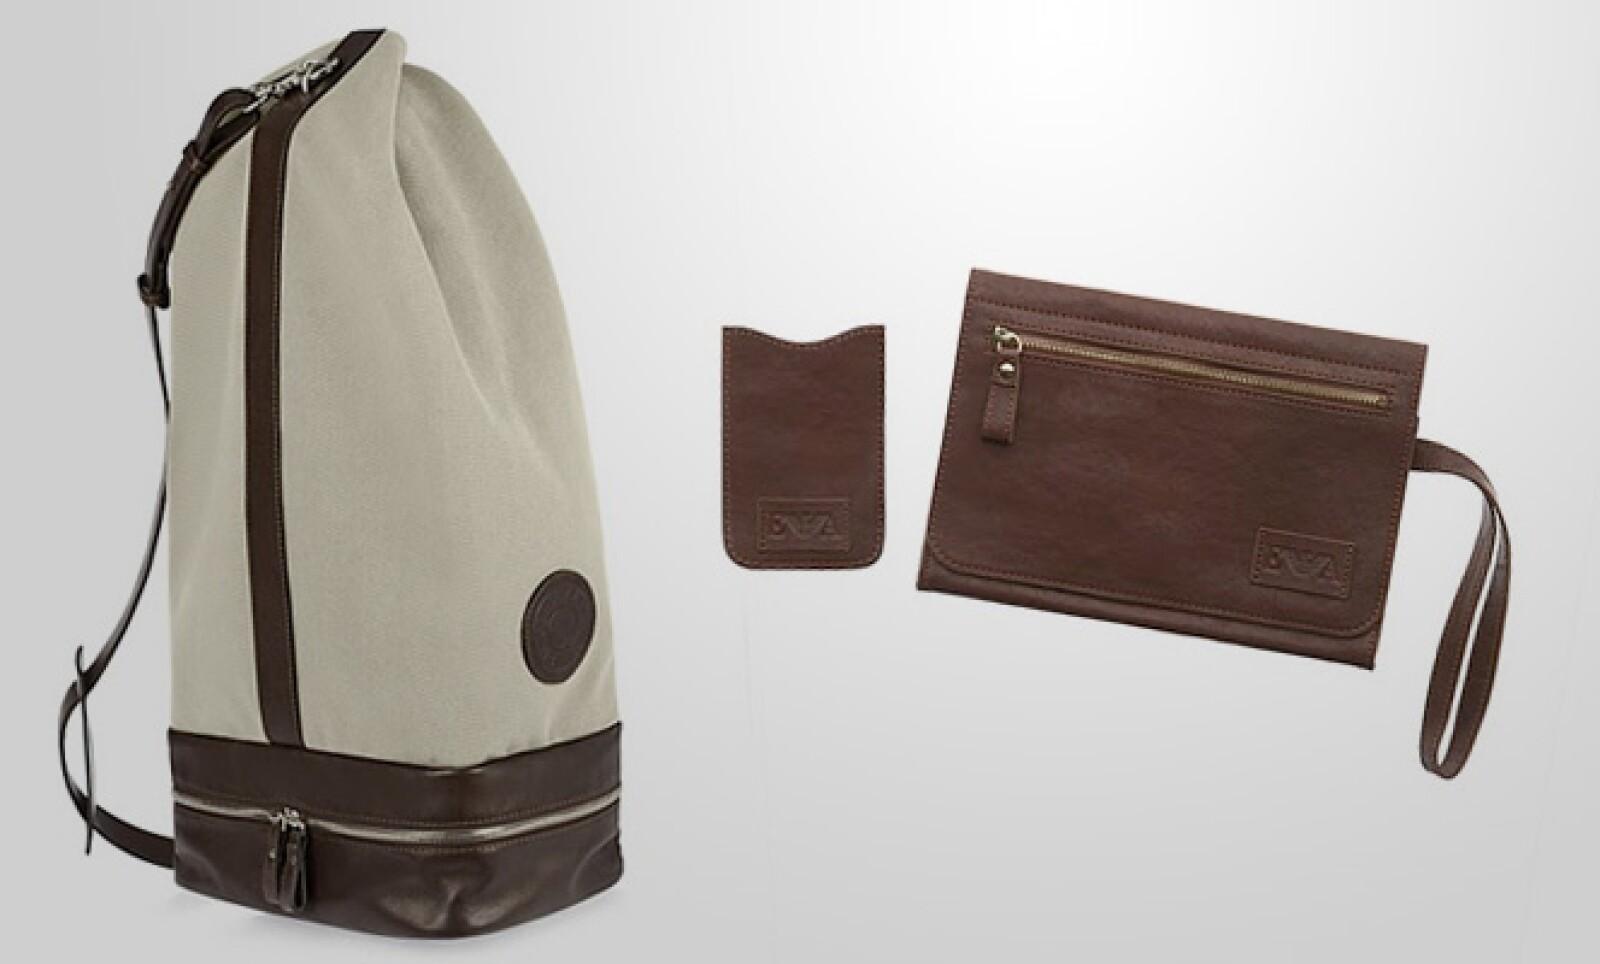 La firma de diseño Emporio Armani se prepara para el verano, con una combinación de materiales relajados como el algodón, y colores entre los que predomina el blanco.